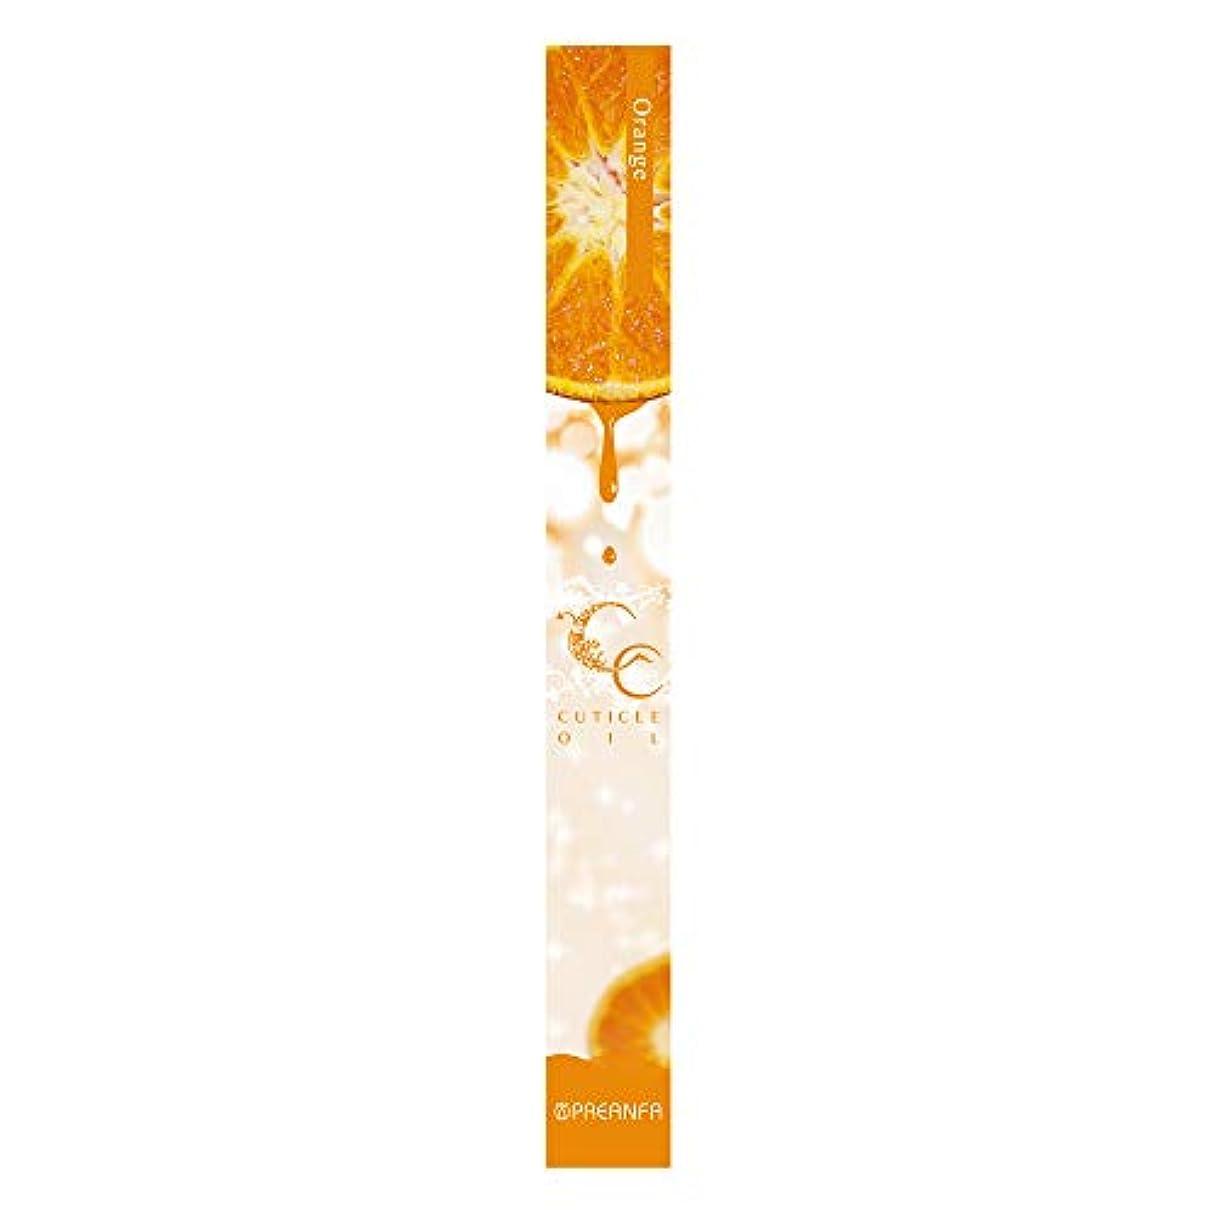 そこから一握り義務プリジェル 甘皮ケア CCキューティクルオイル オレンジ 4.5g 保湿オイル ペンタイプ